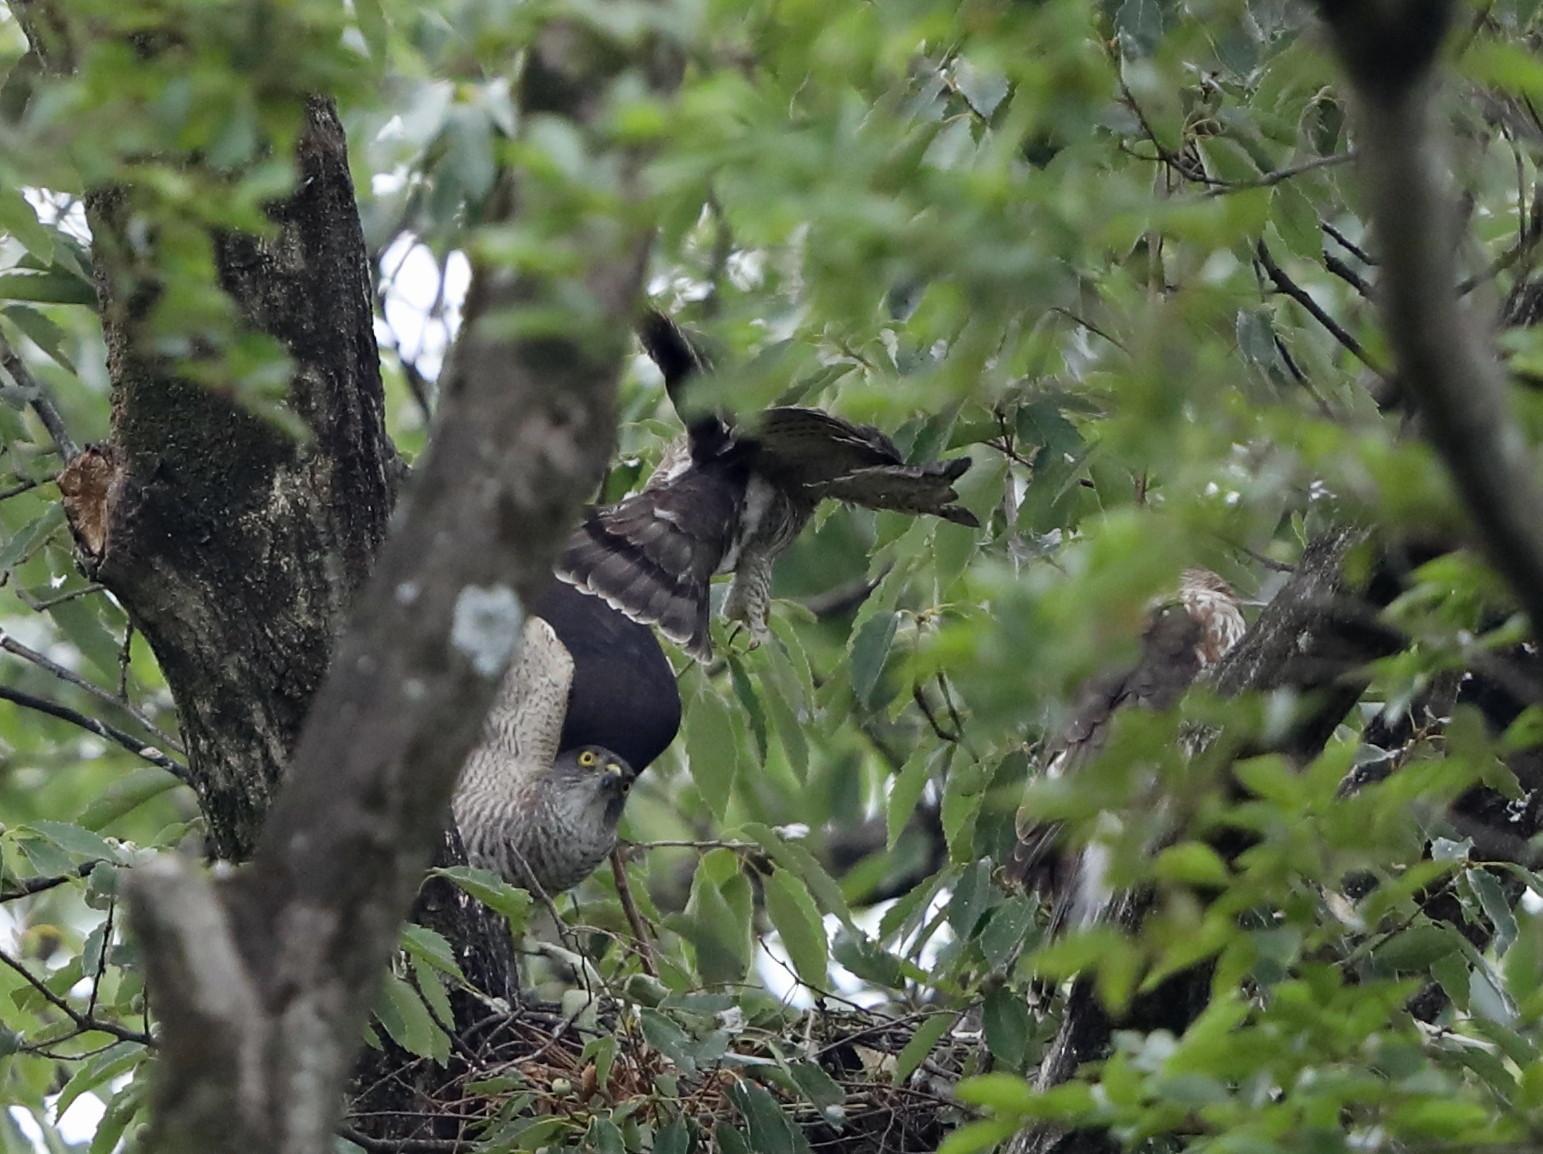 近隣の公園のツミ その12(母親の巣からの飛び出し)_f0239515_20445070.jpg